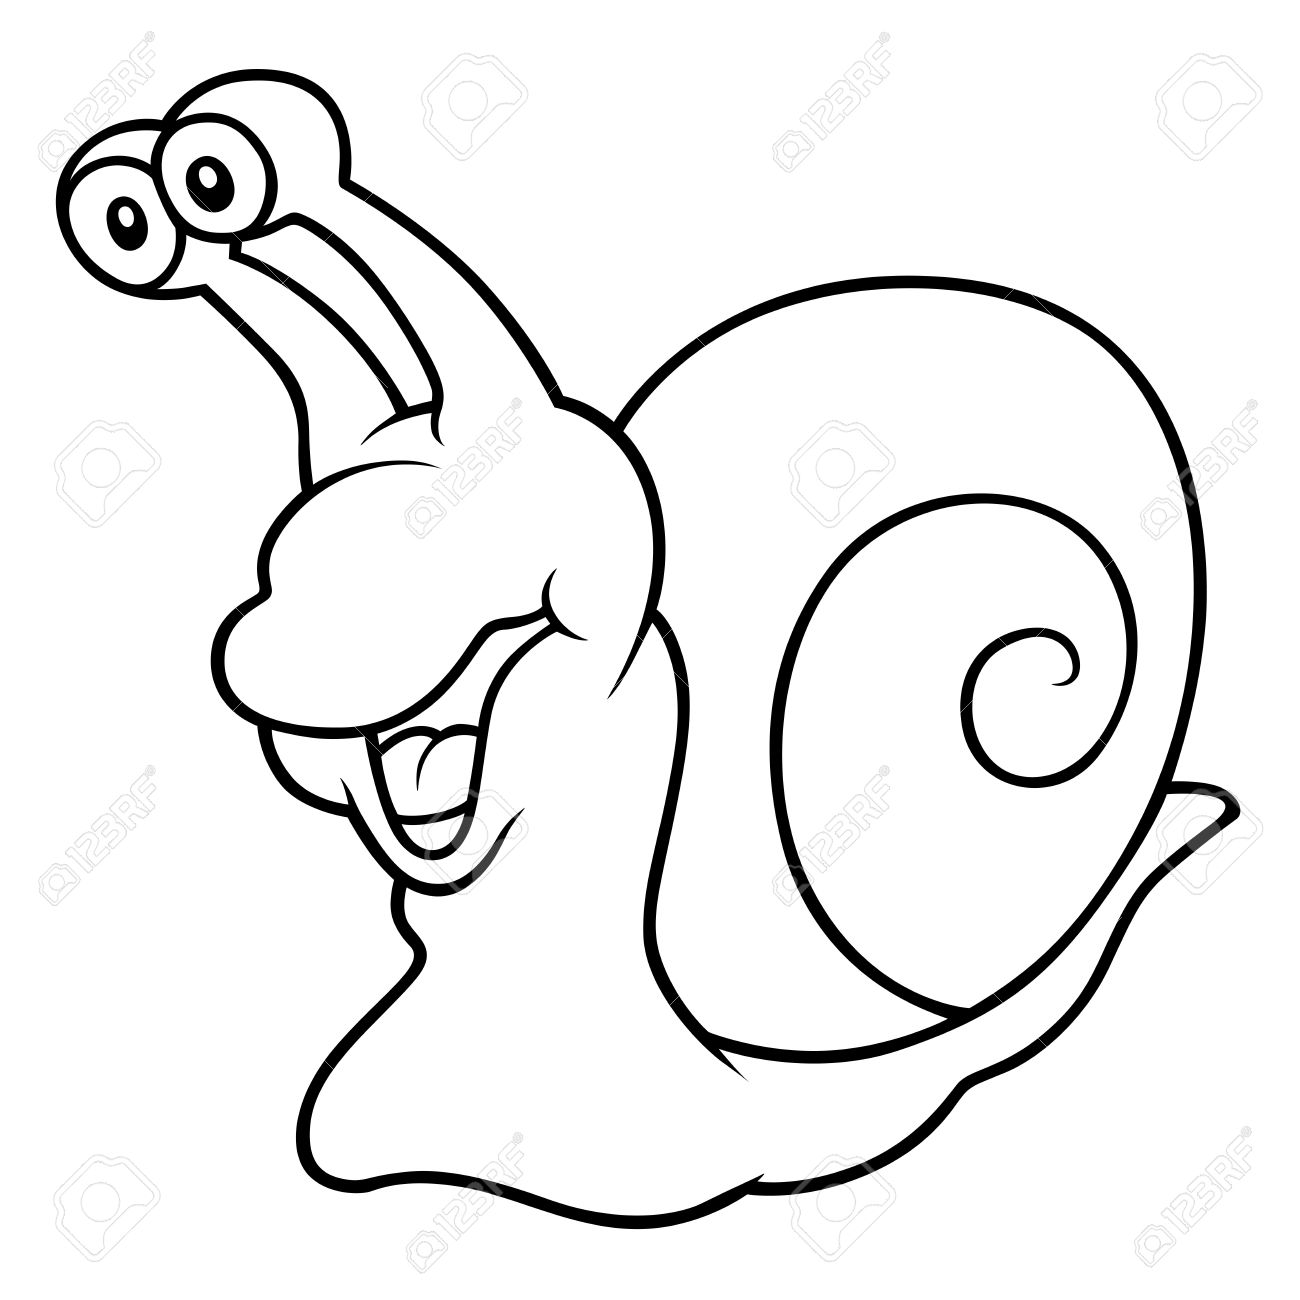 1300x1300 Drawn Snail Cartoon